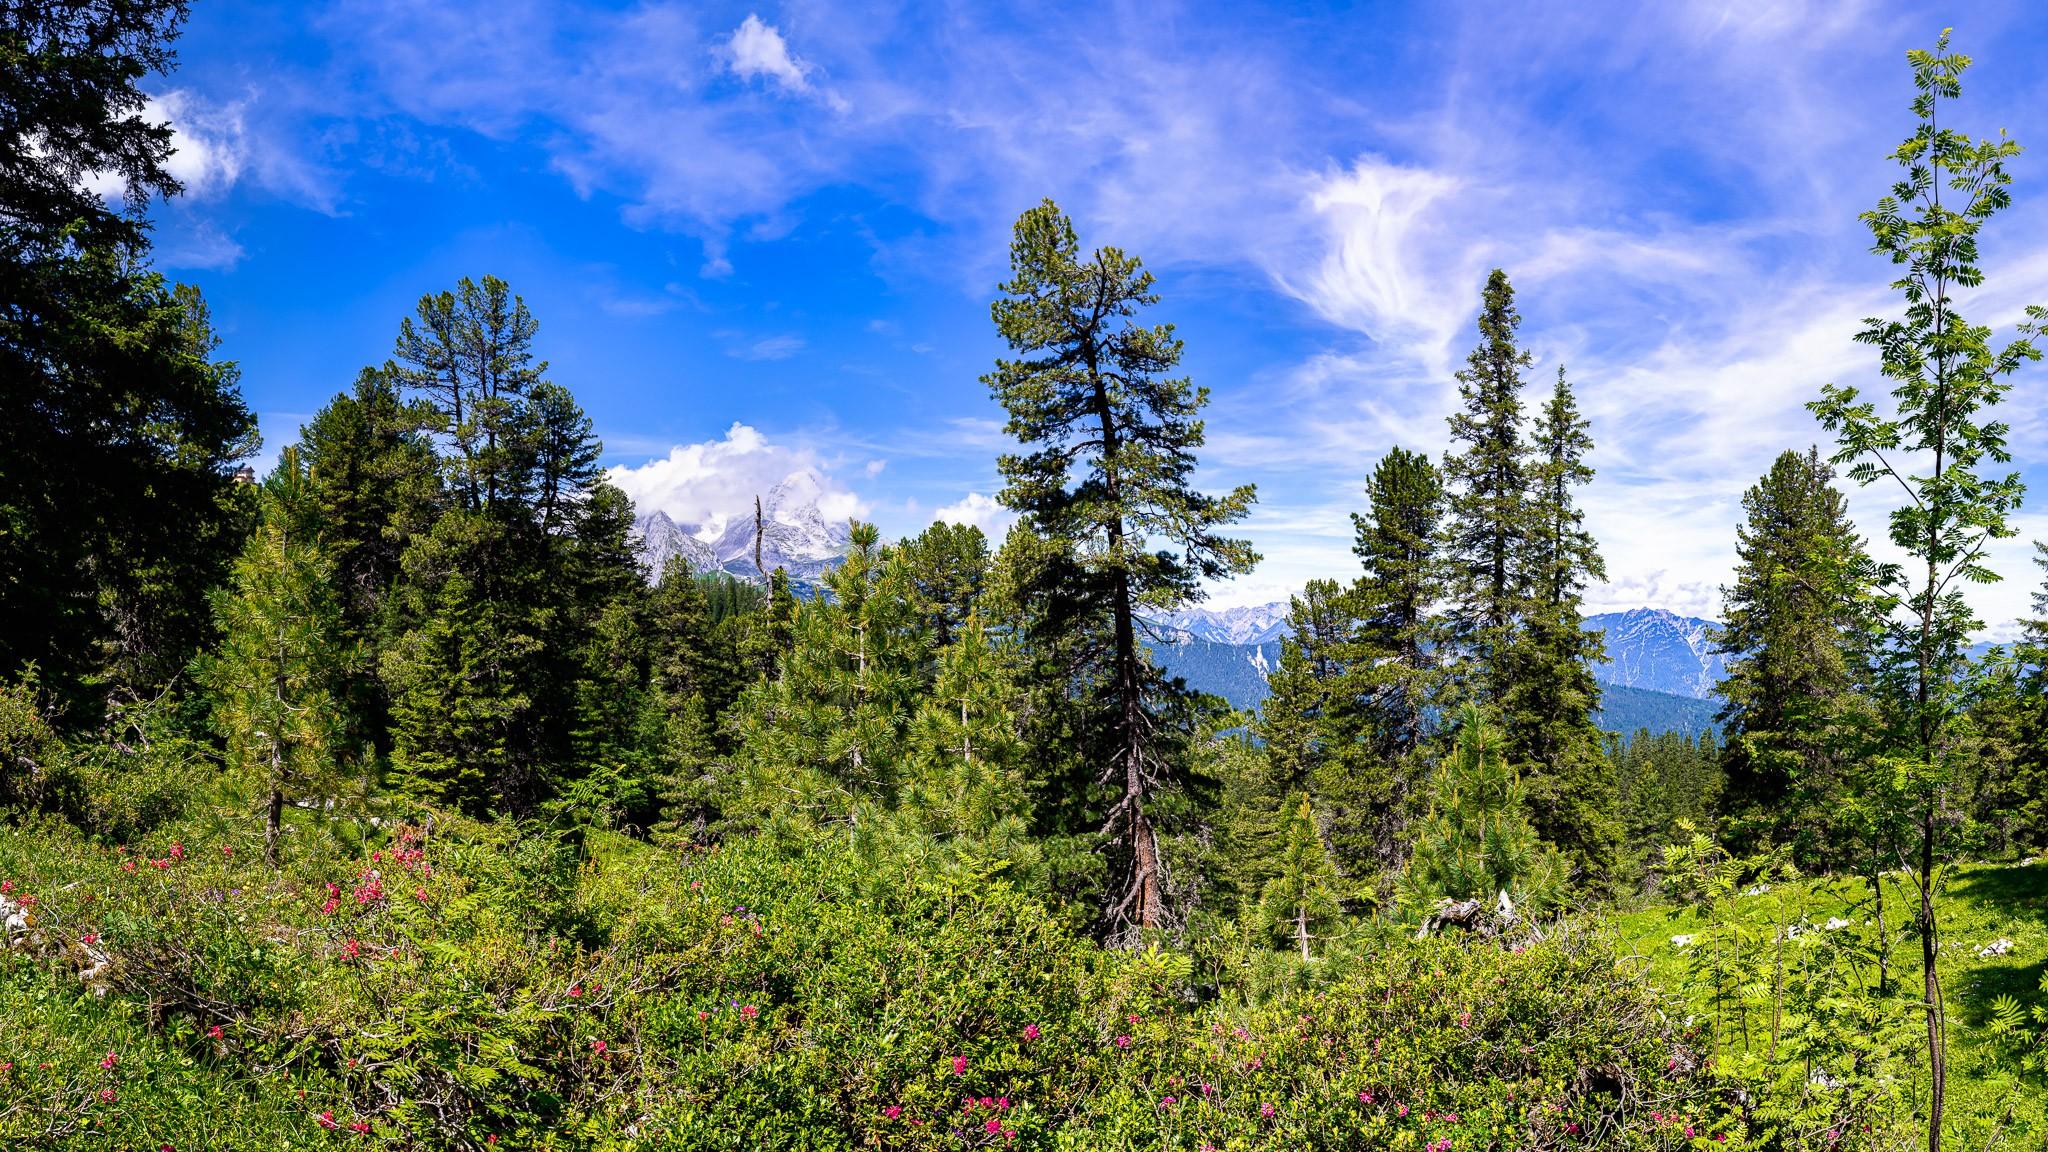 Der Bergwald am Schachen ist mit vielen Zirbelkiefern gespickt. Zwischendirn ein paar Almrosen mit Blick auf die Alpspitze und die Kramerspitz.